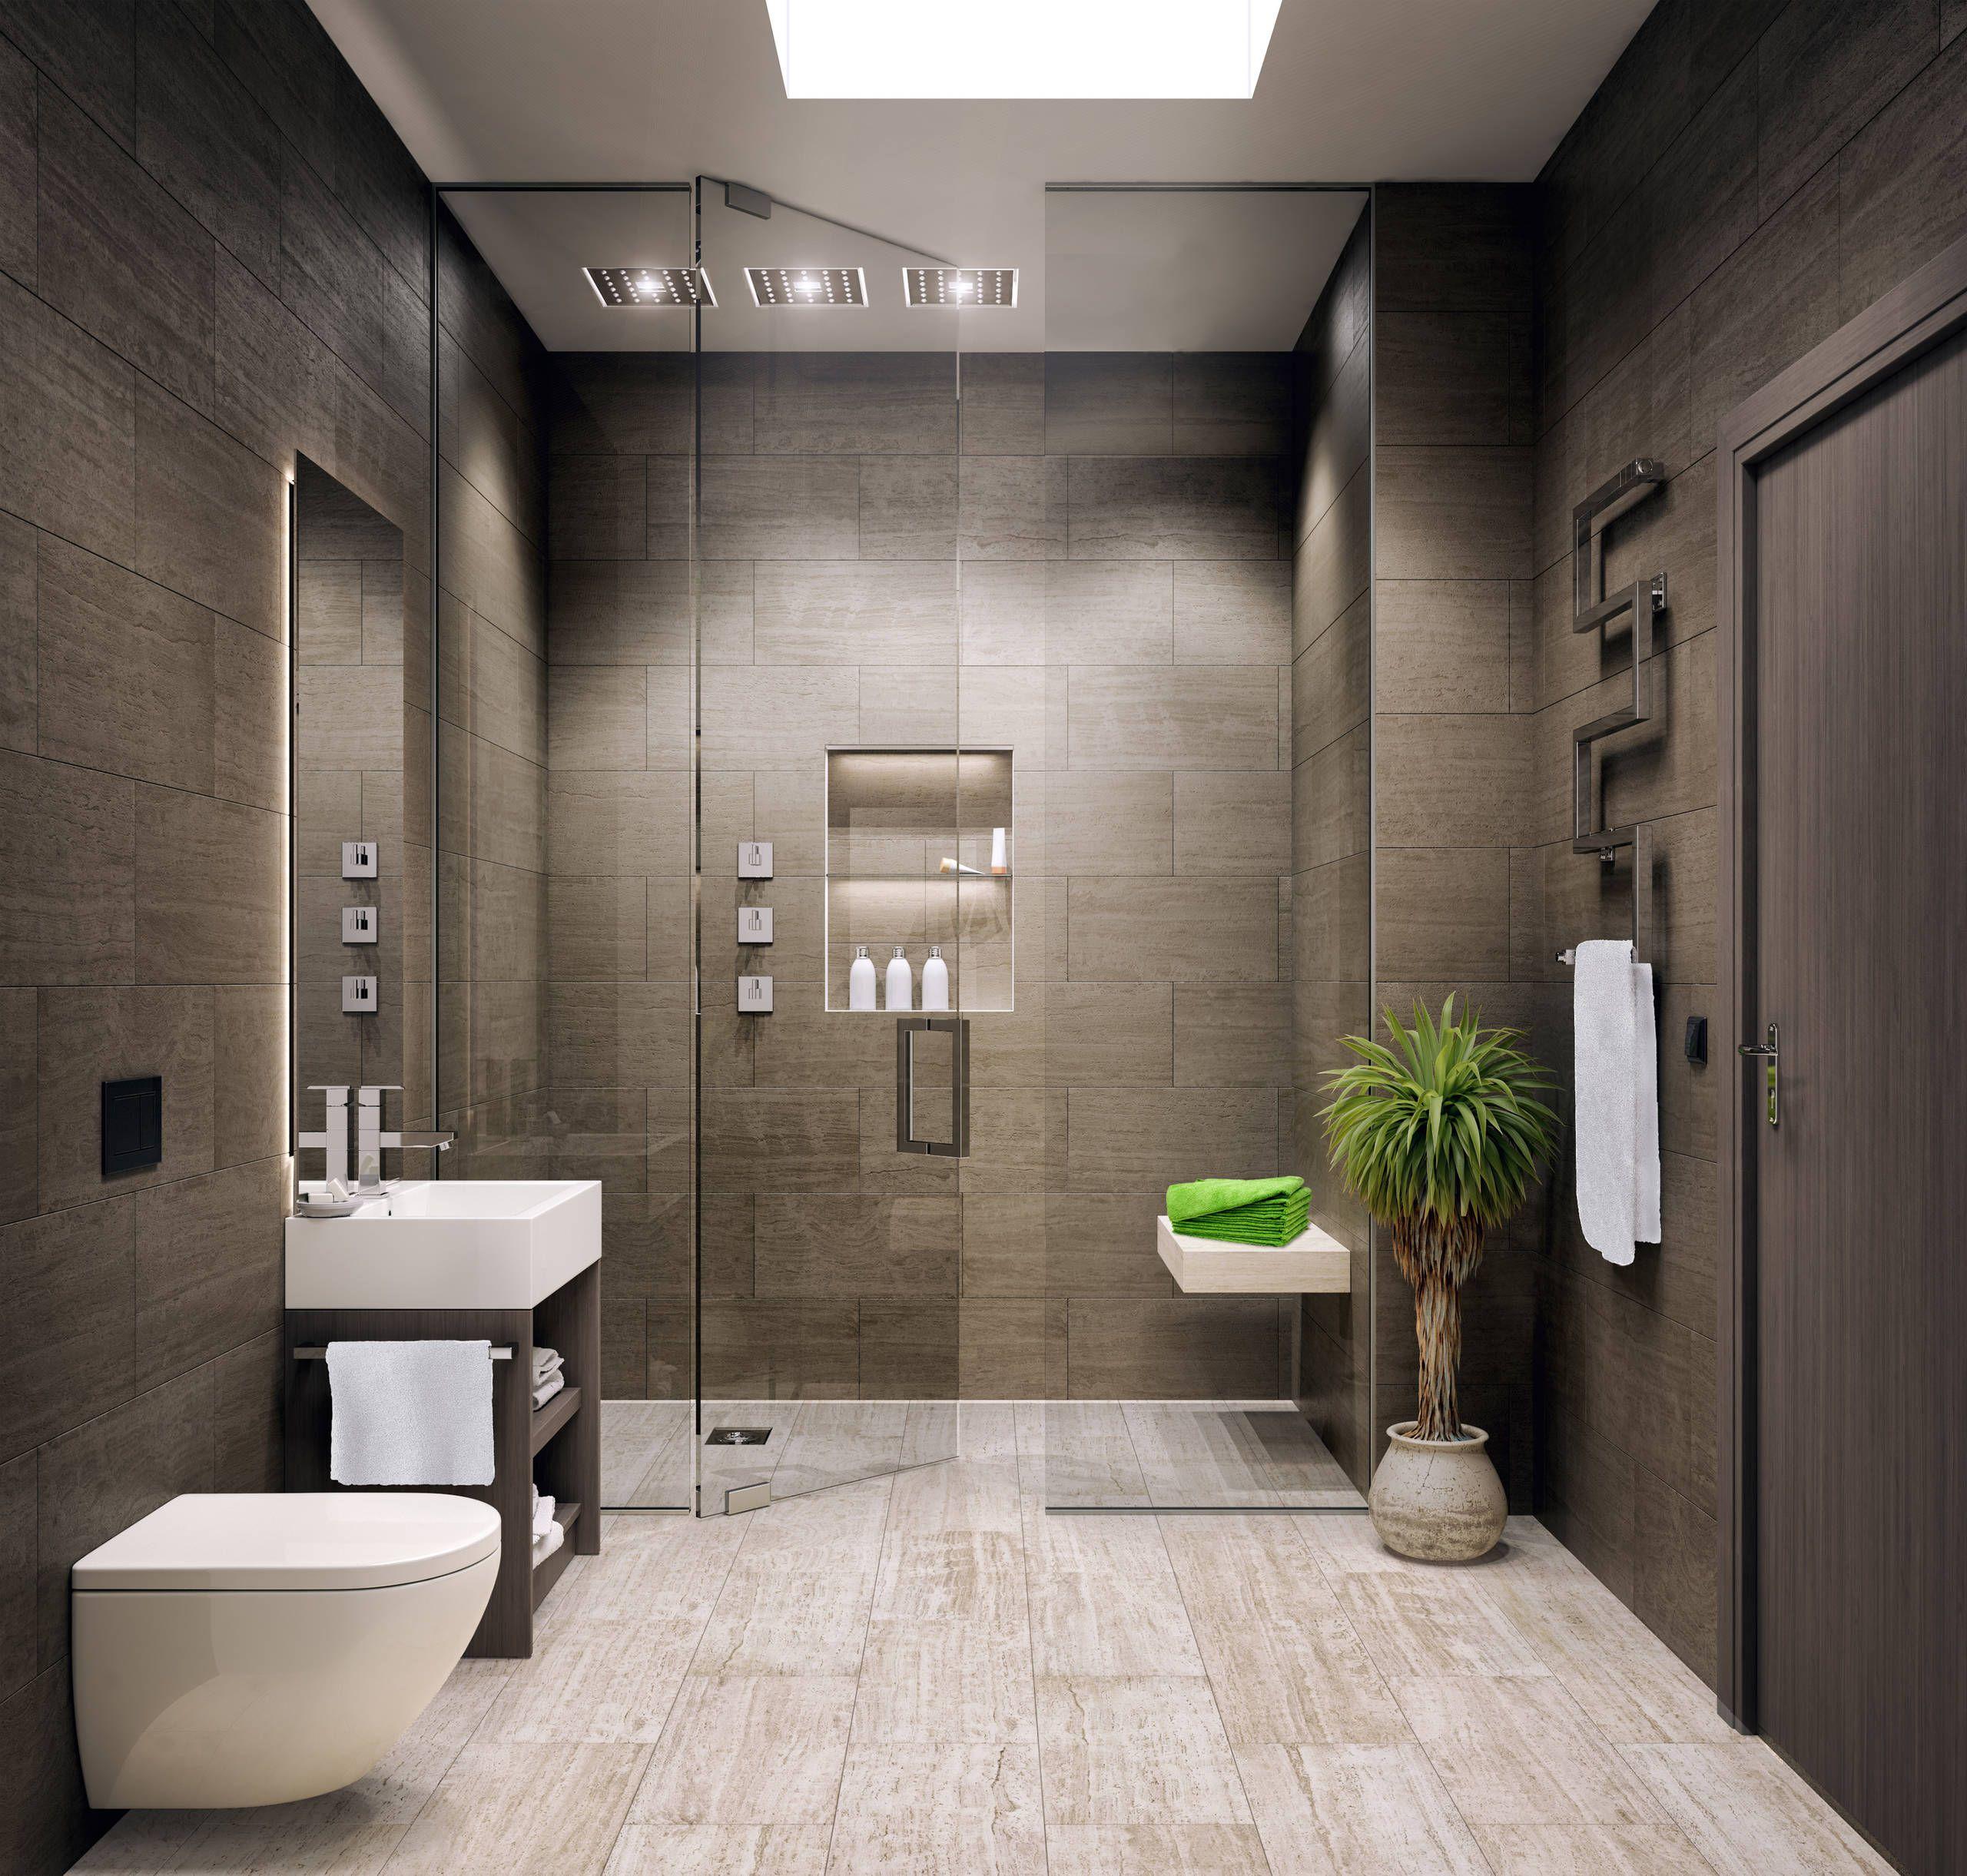 Homeoffice Furniture Design: 29 Unique Master Bathroom Inspirations